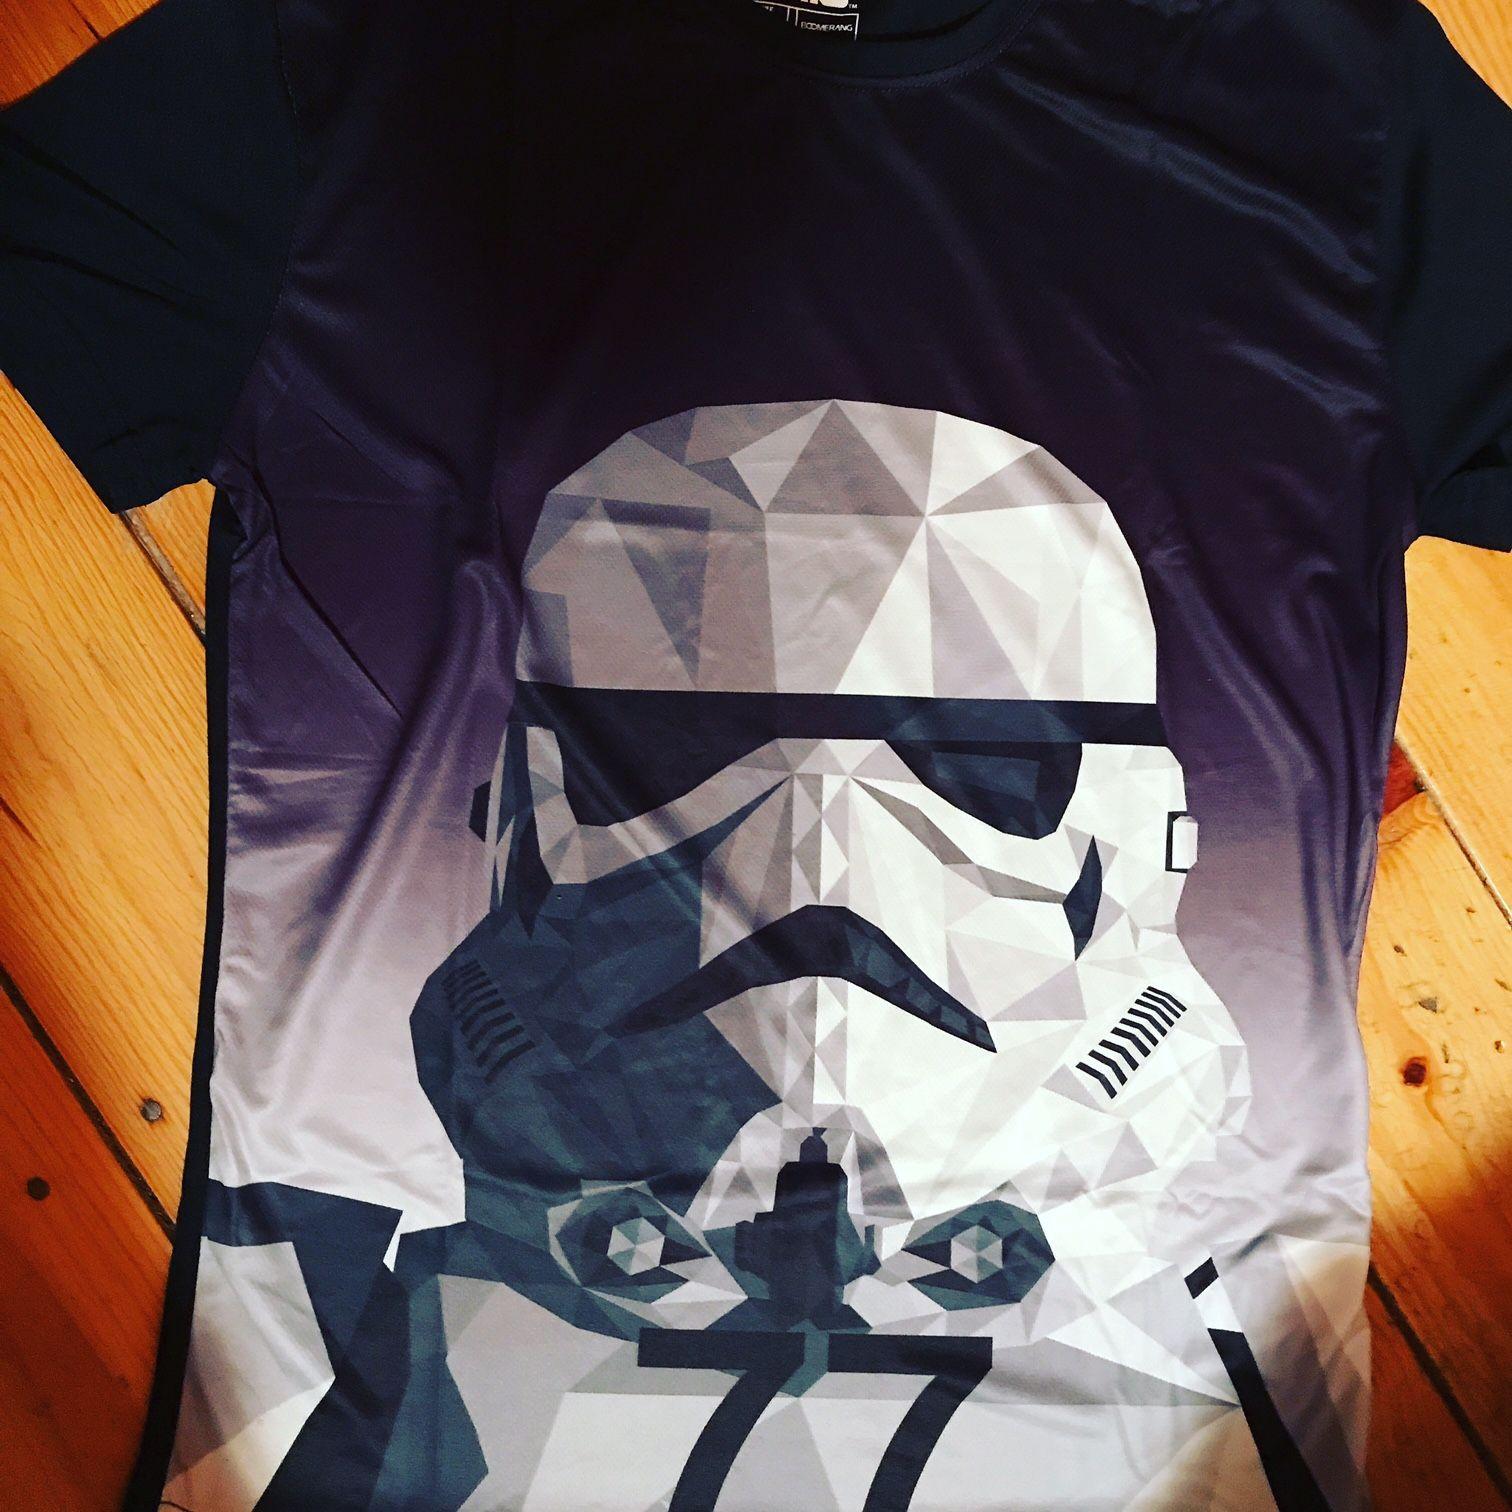 La camiseta del lado oscuro del deportista